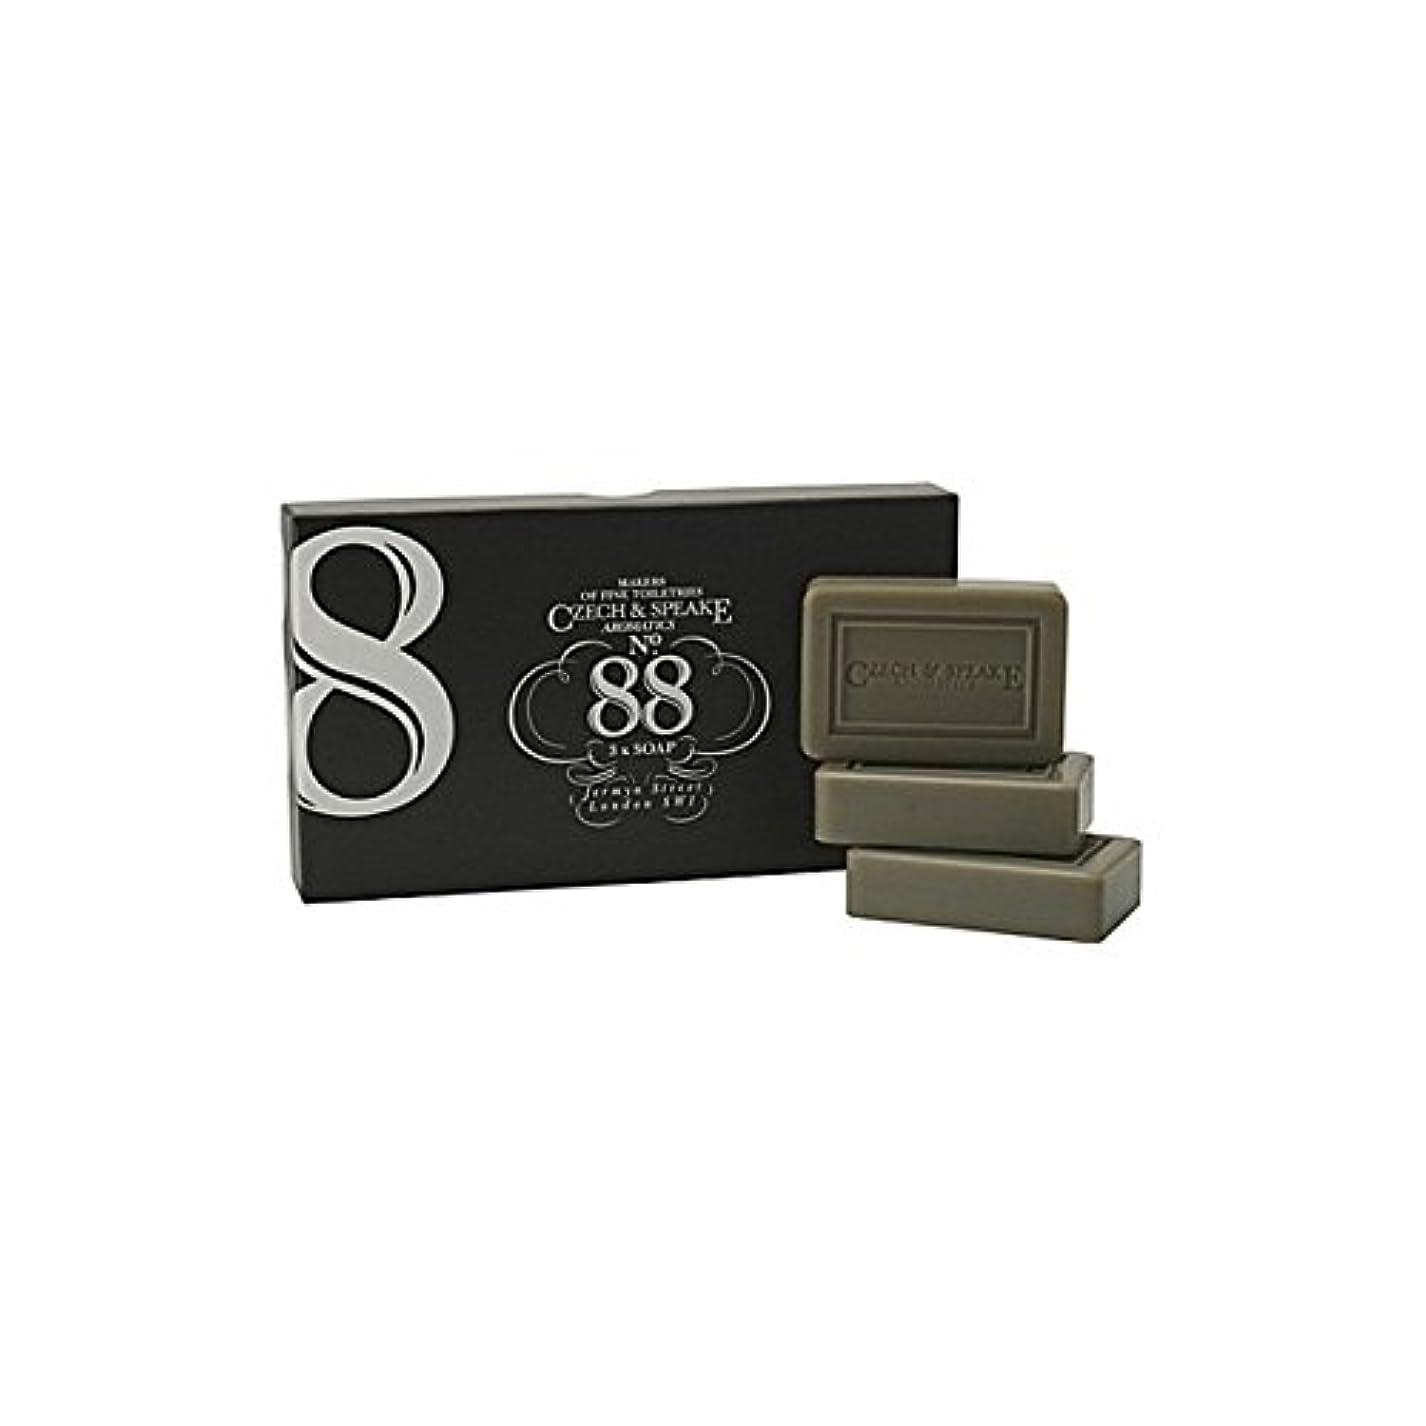 検査官遠えわずかなチェコ&スピーク.88ソープセット x4 - Czech & Speake No.88 Soap Set (Pack of 4) [並行輸入品]